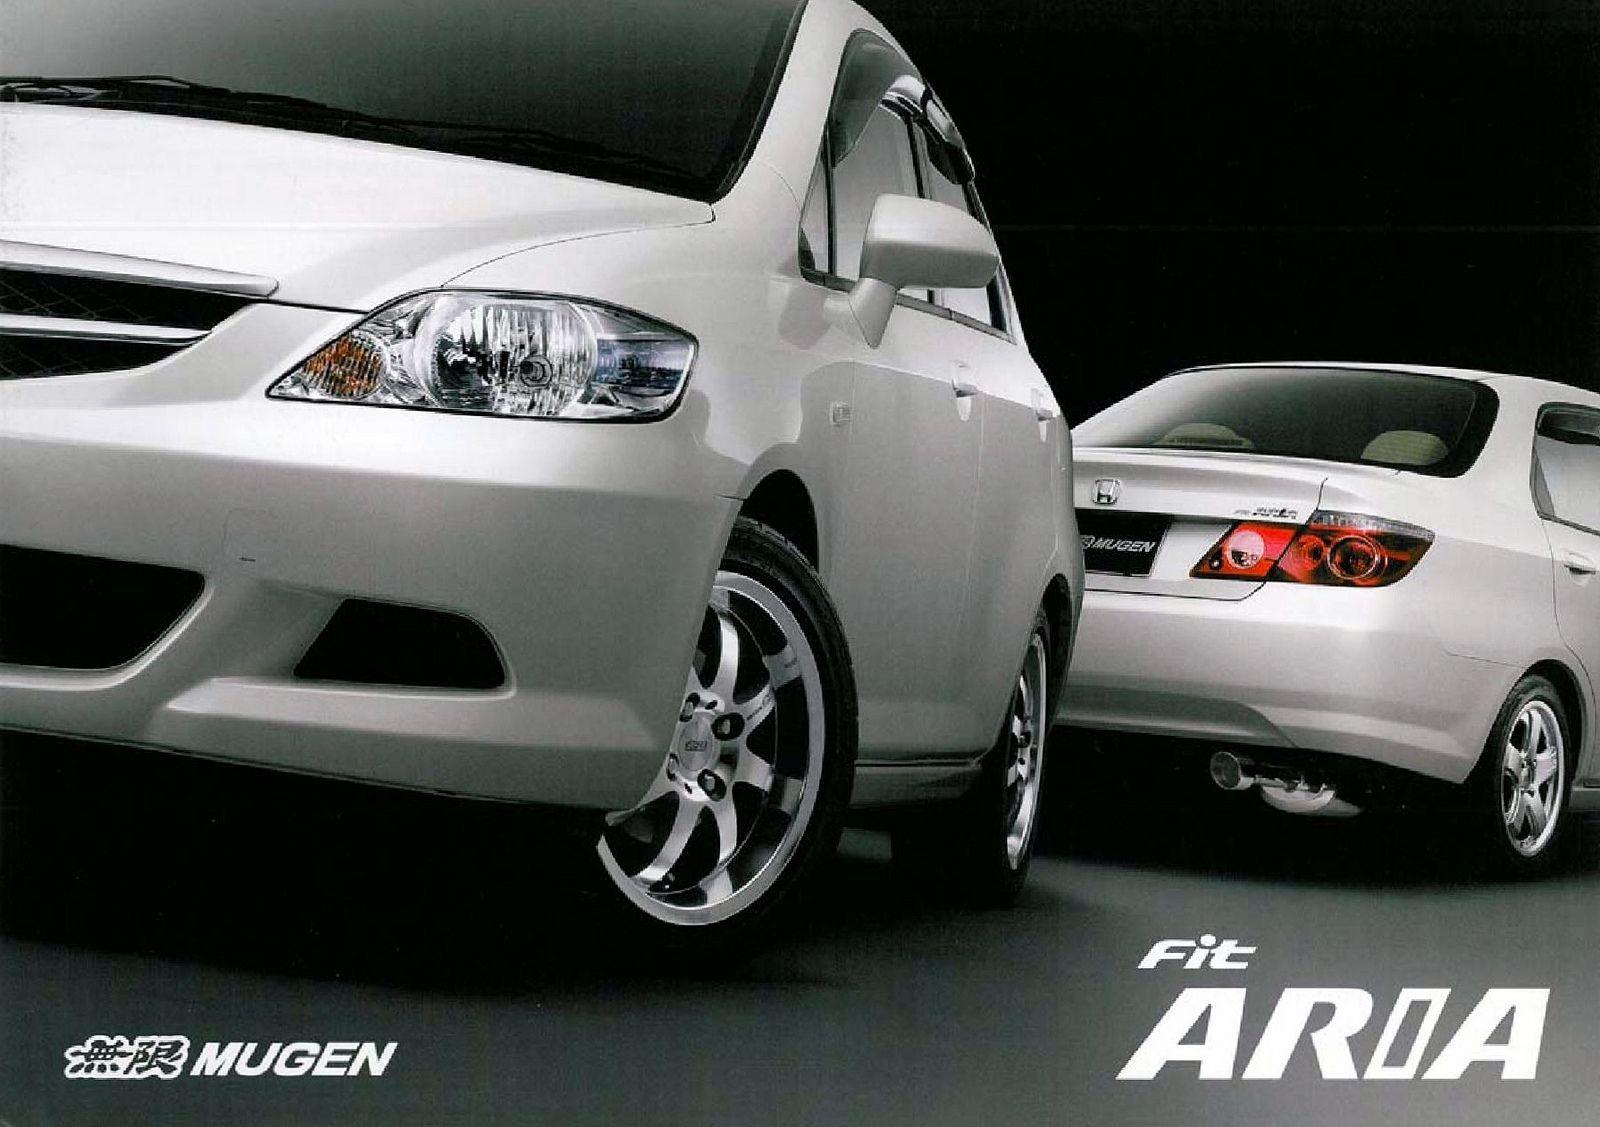 Honda Mugen Fit Aria Japan Brochure 2005 Honda City Honda City